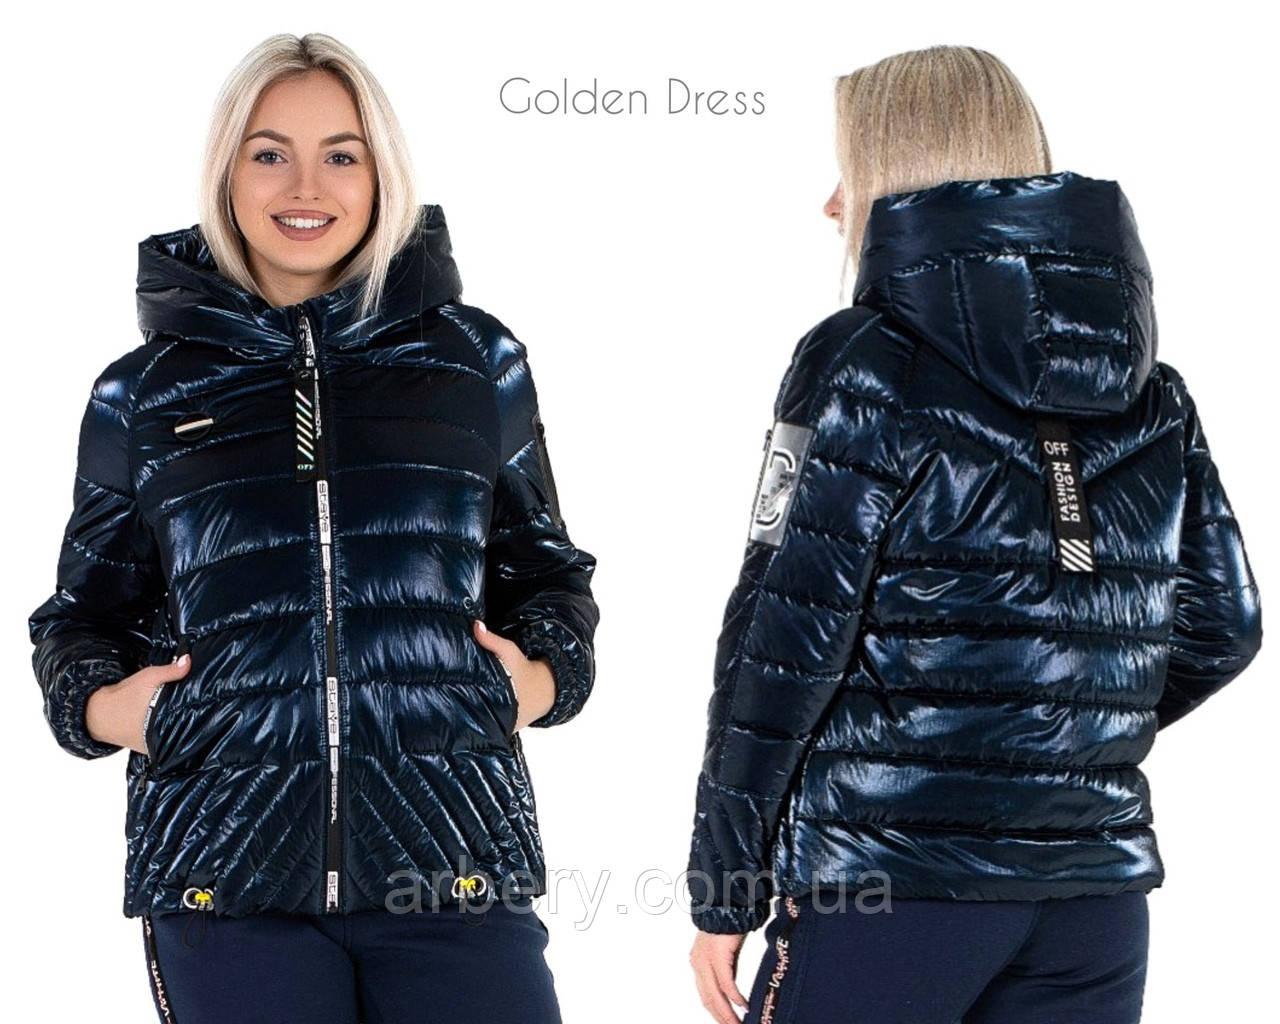 Шикарная демисезонная термо-куртка